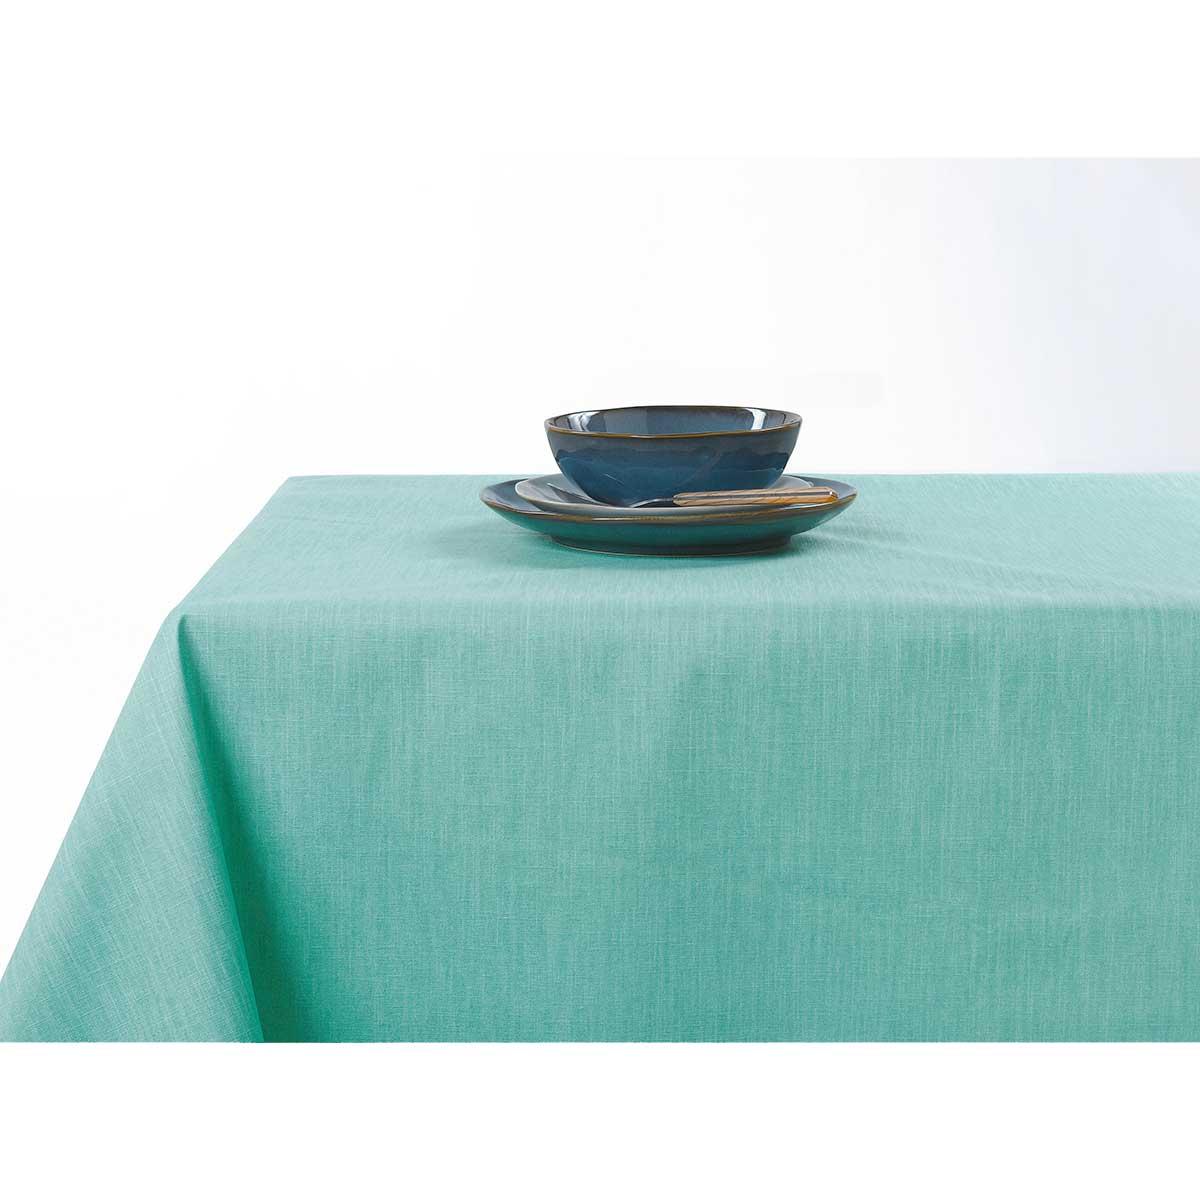 Nappe enduite anti taches aux couleurs acidulées - Vert d'eau - 150 x 200 cm